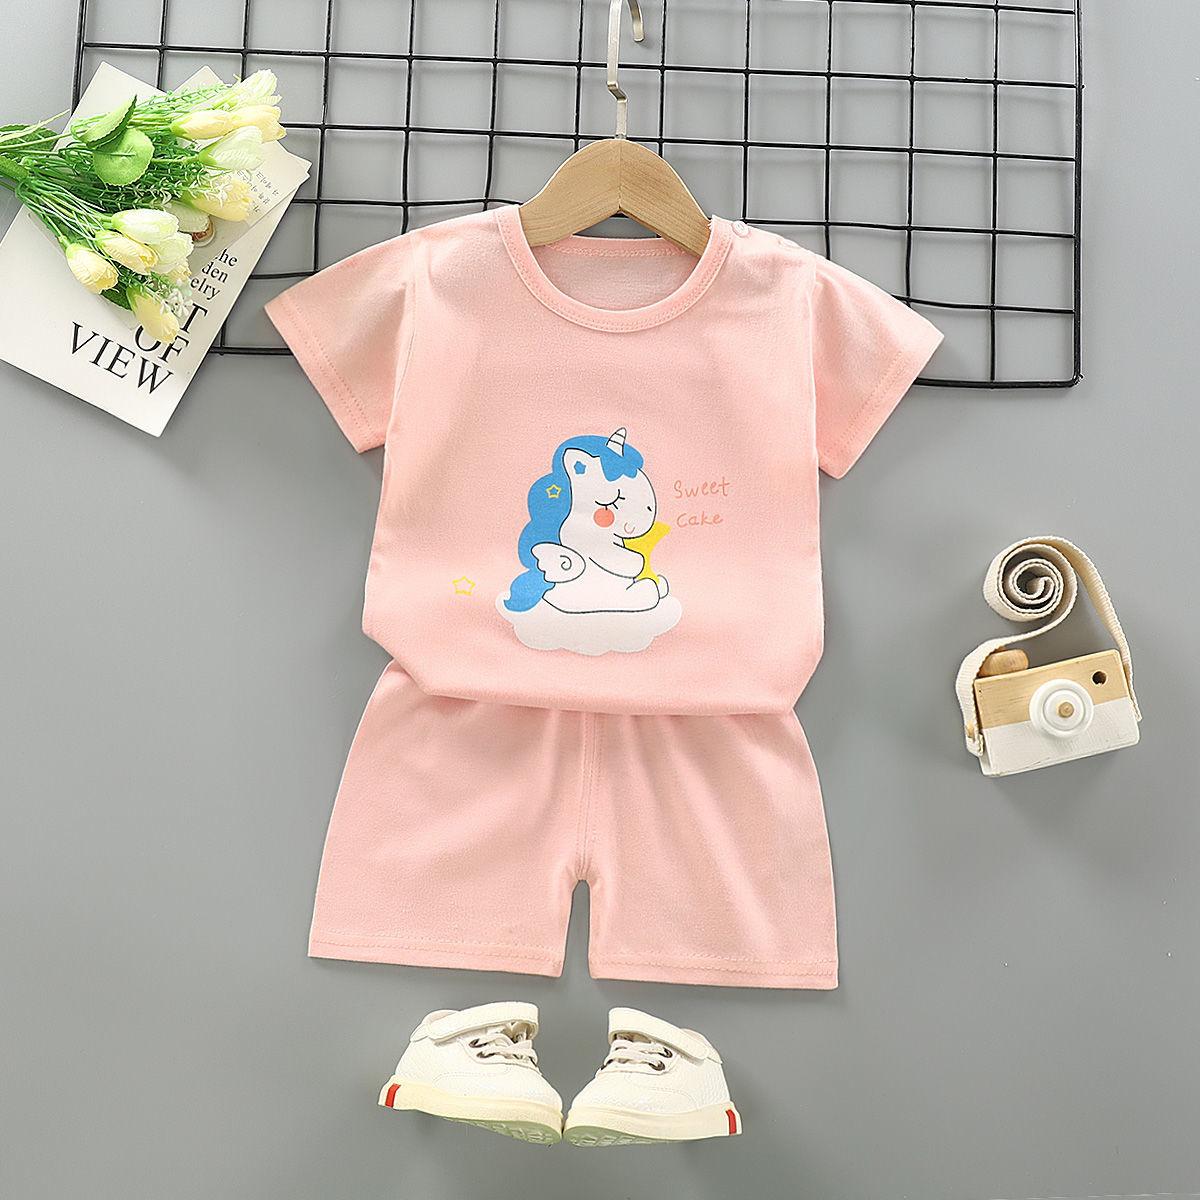 儿童短袖套装宝宝短裤婴儿衣服夏装1